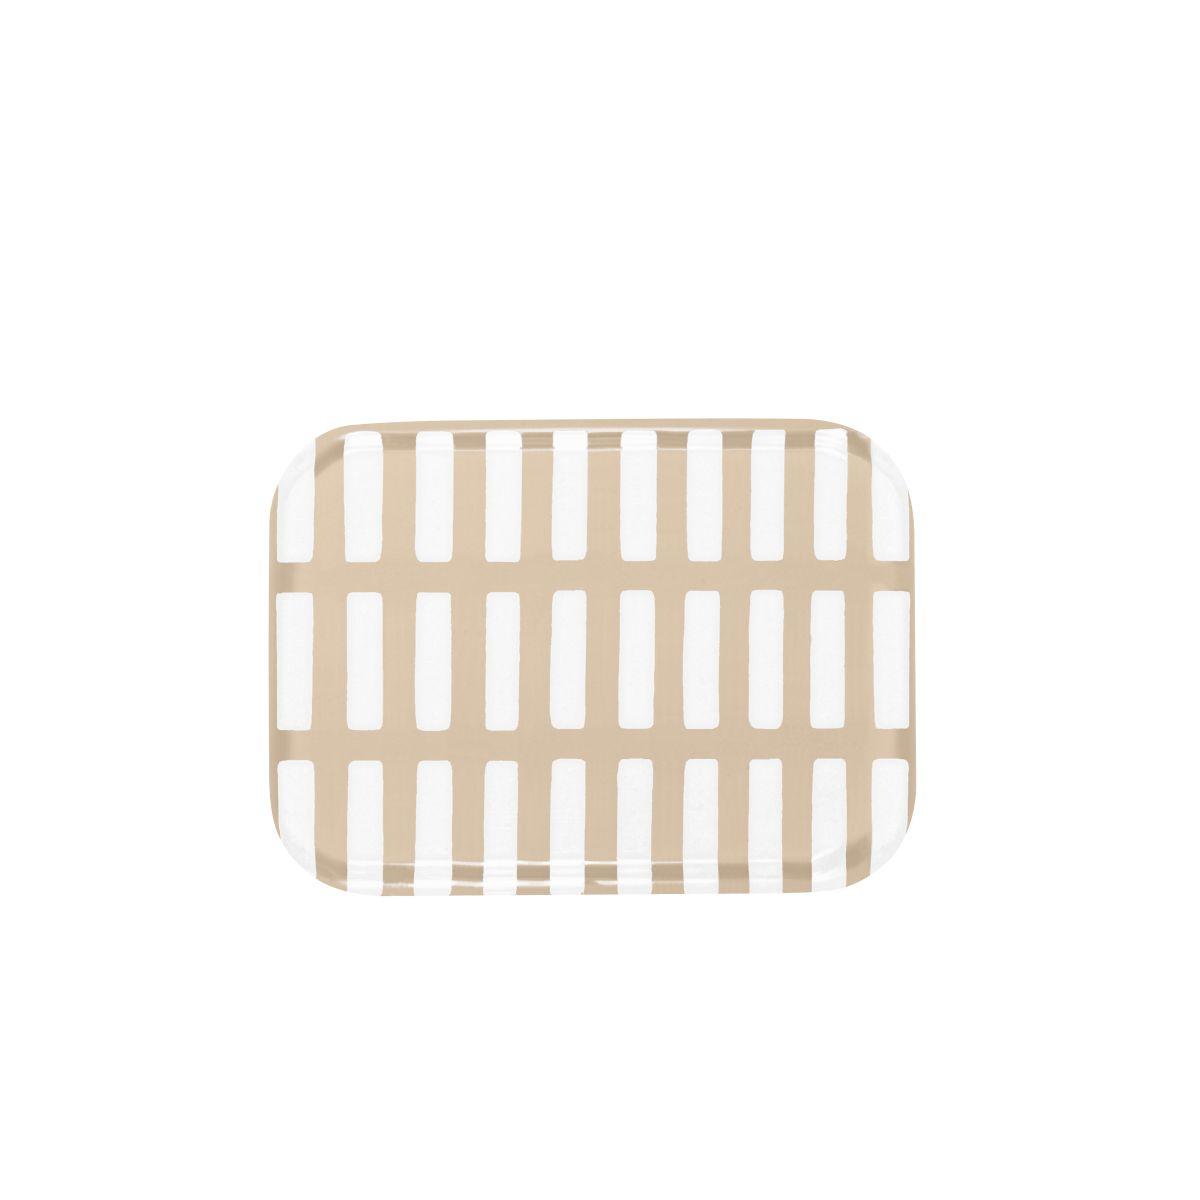 Siena-Tray-small-sand-white-3977008